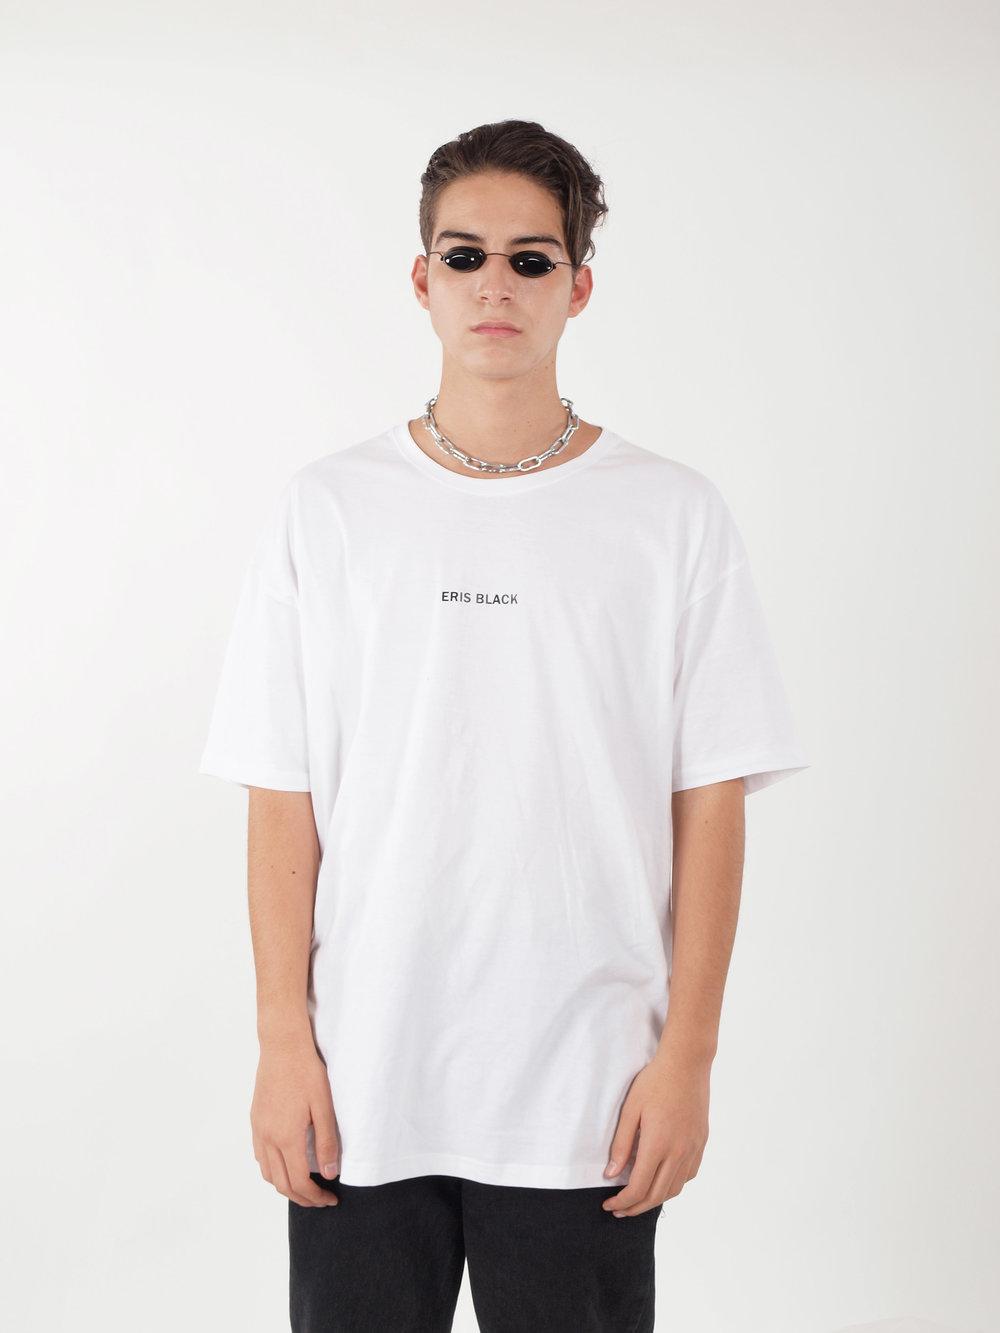 white tshirt.jpg